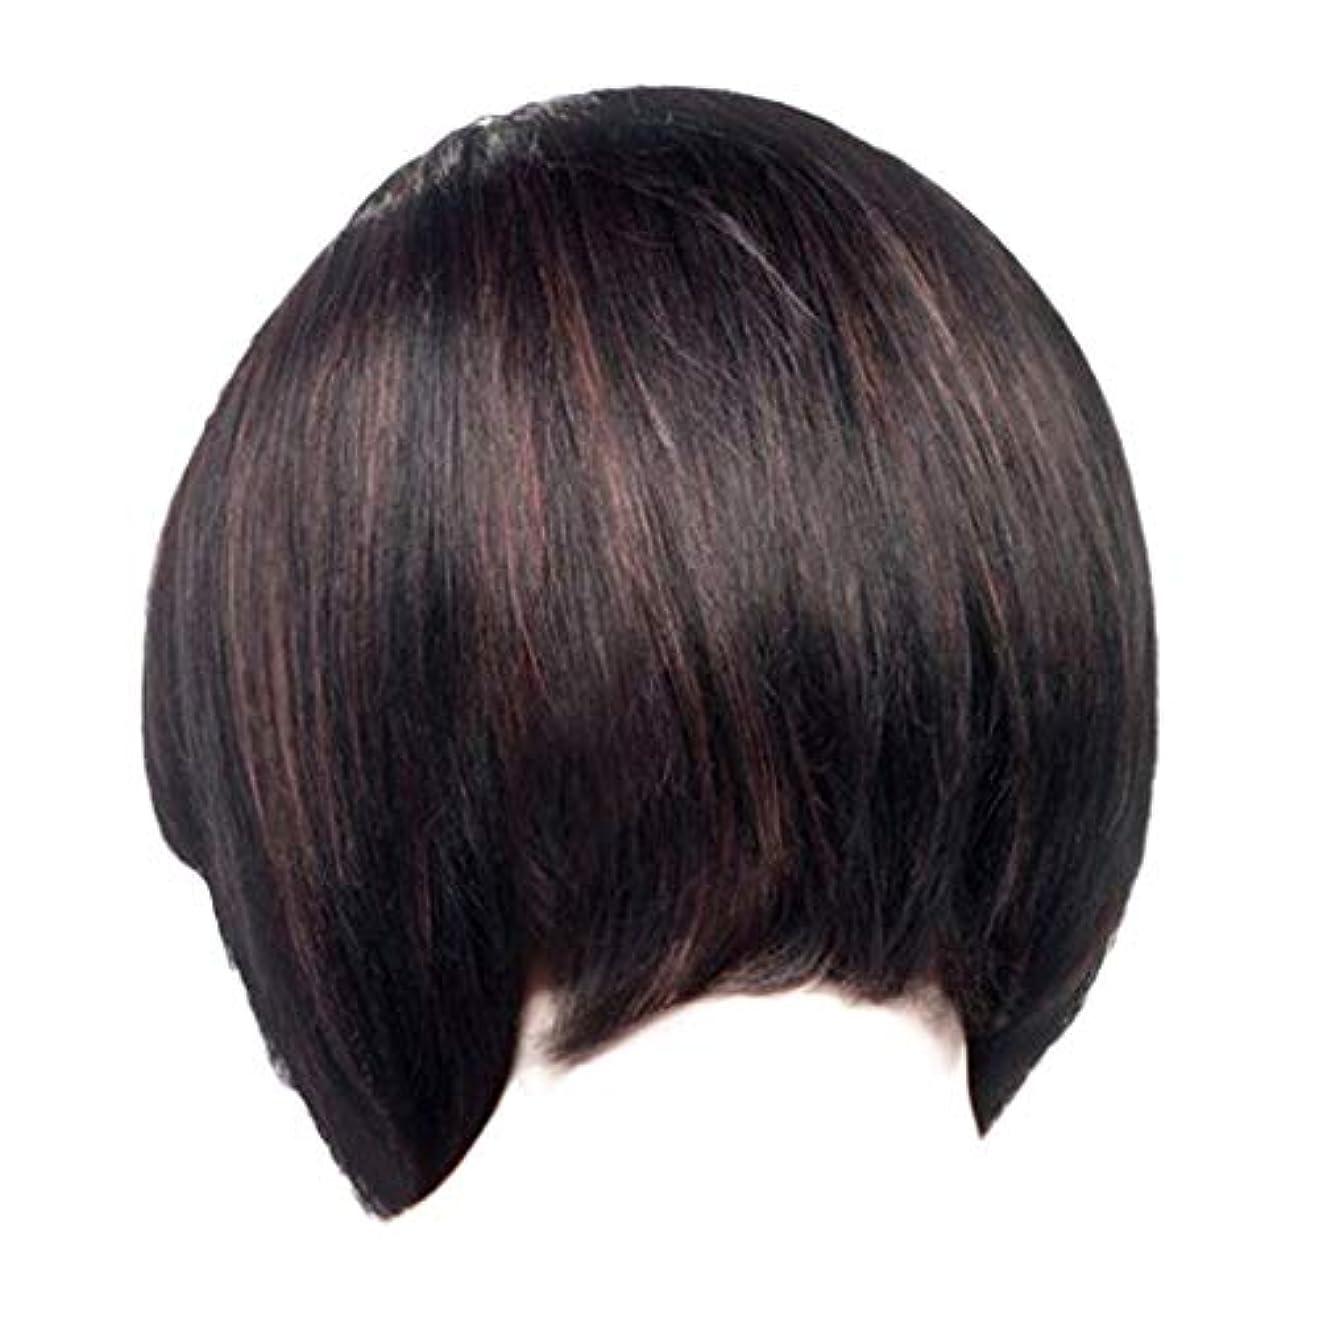 西項目穴ウィッグレディースファッションブラックショートストレートヘアナチュラルウィッグローズヘアネット